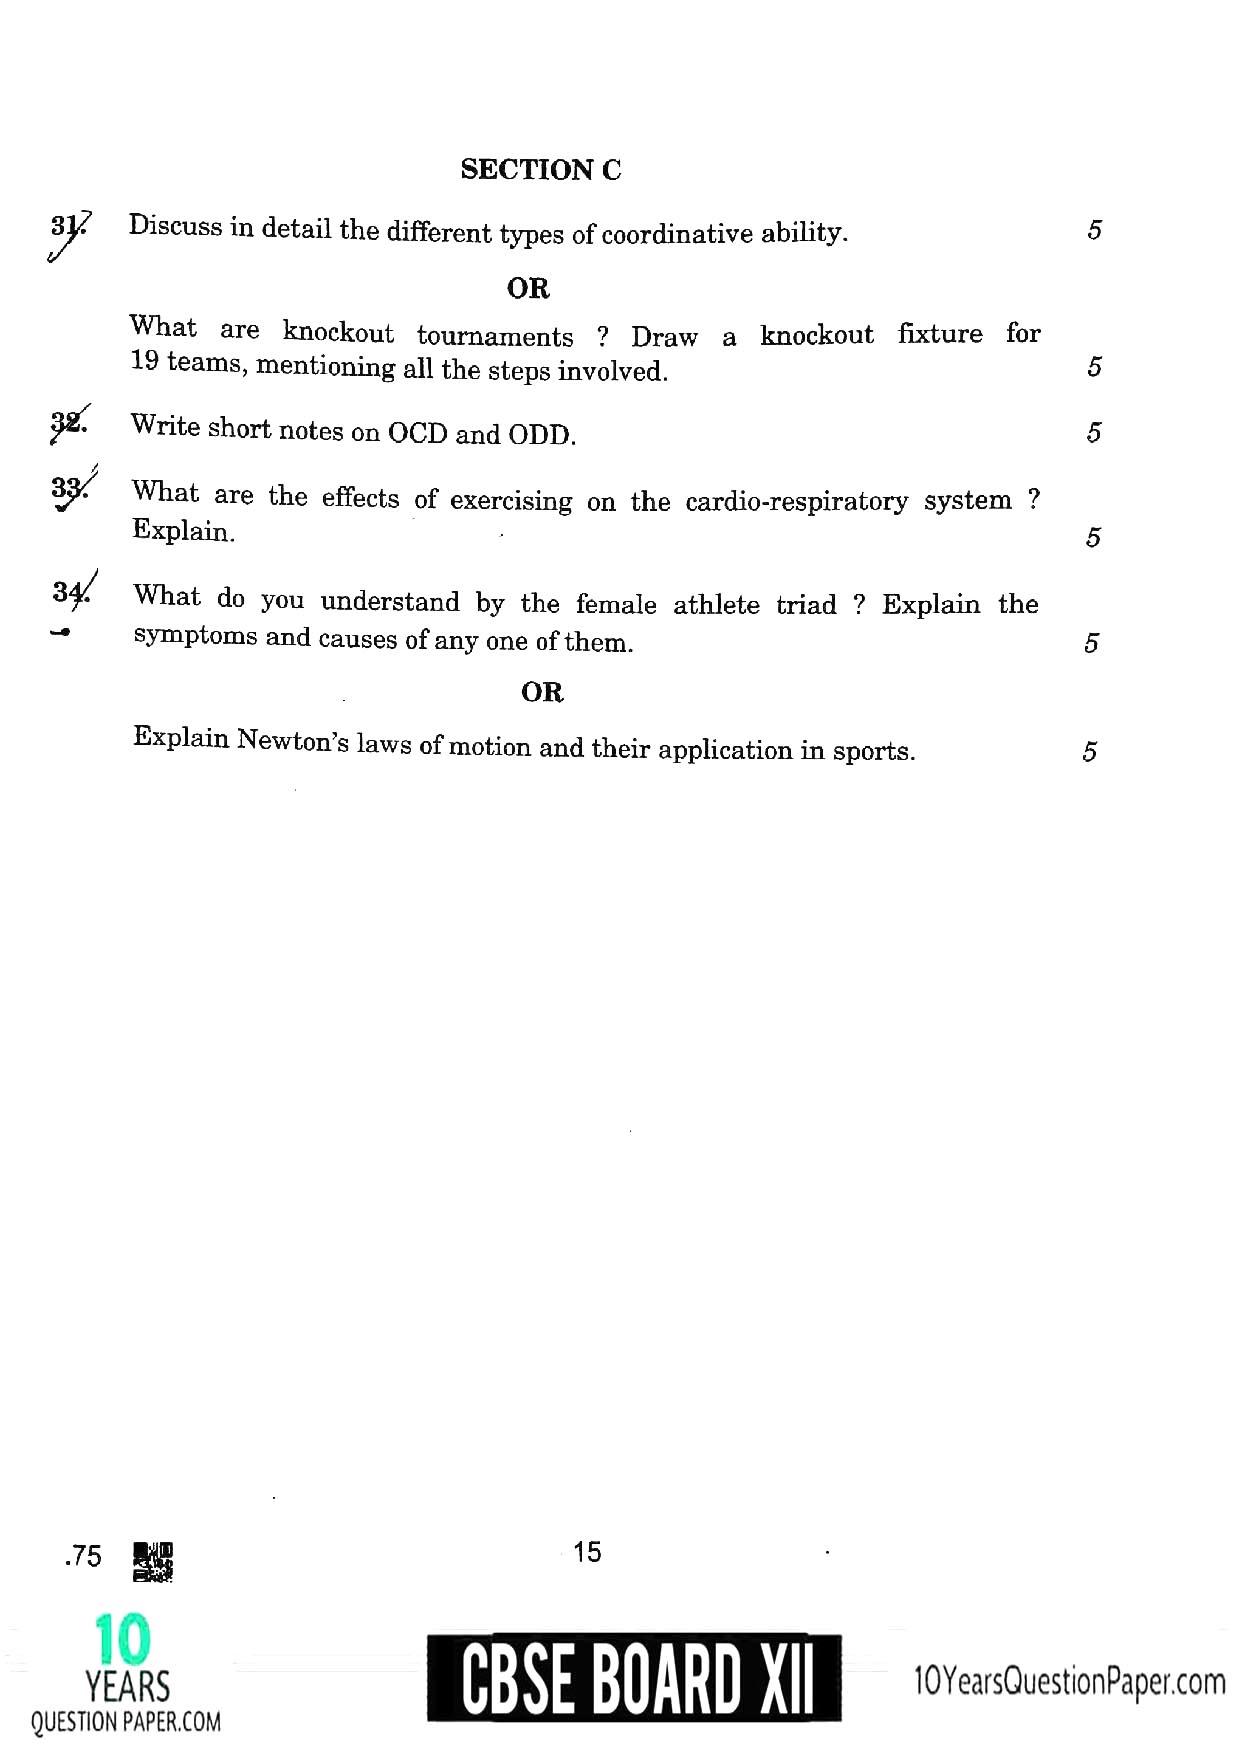 CBSE Class 12 Maths 2020 Question Paper 15